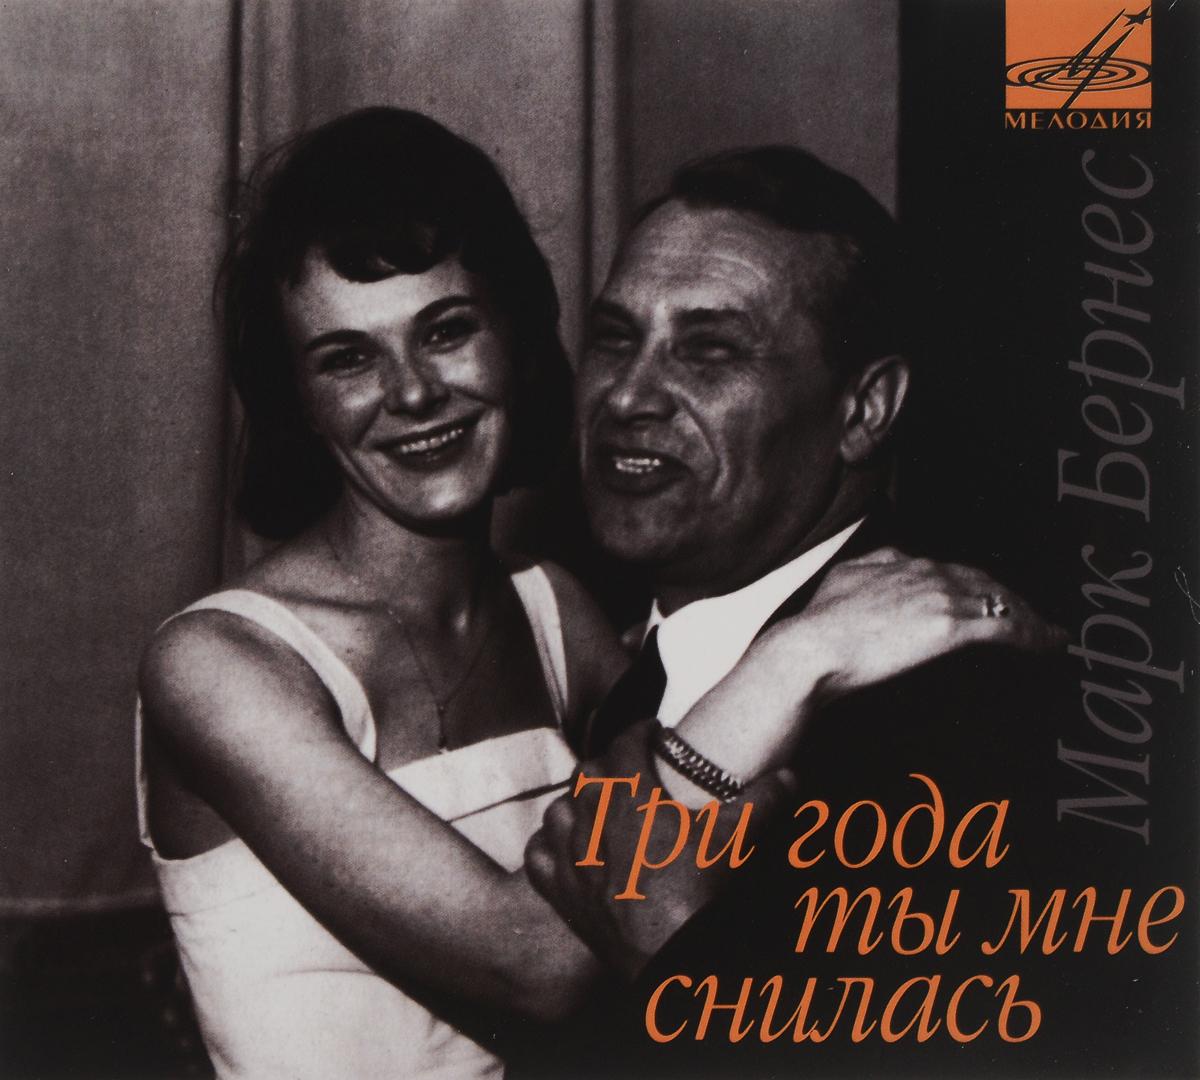 К данному изданию прилагается буклет с фотографиями и дополнительной информацией на русском языке.